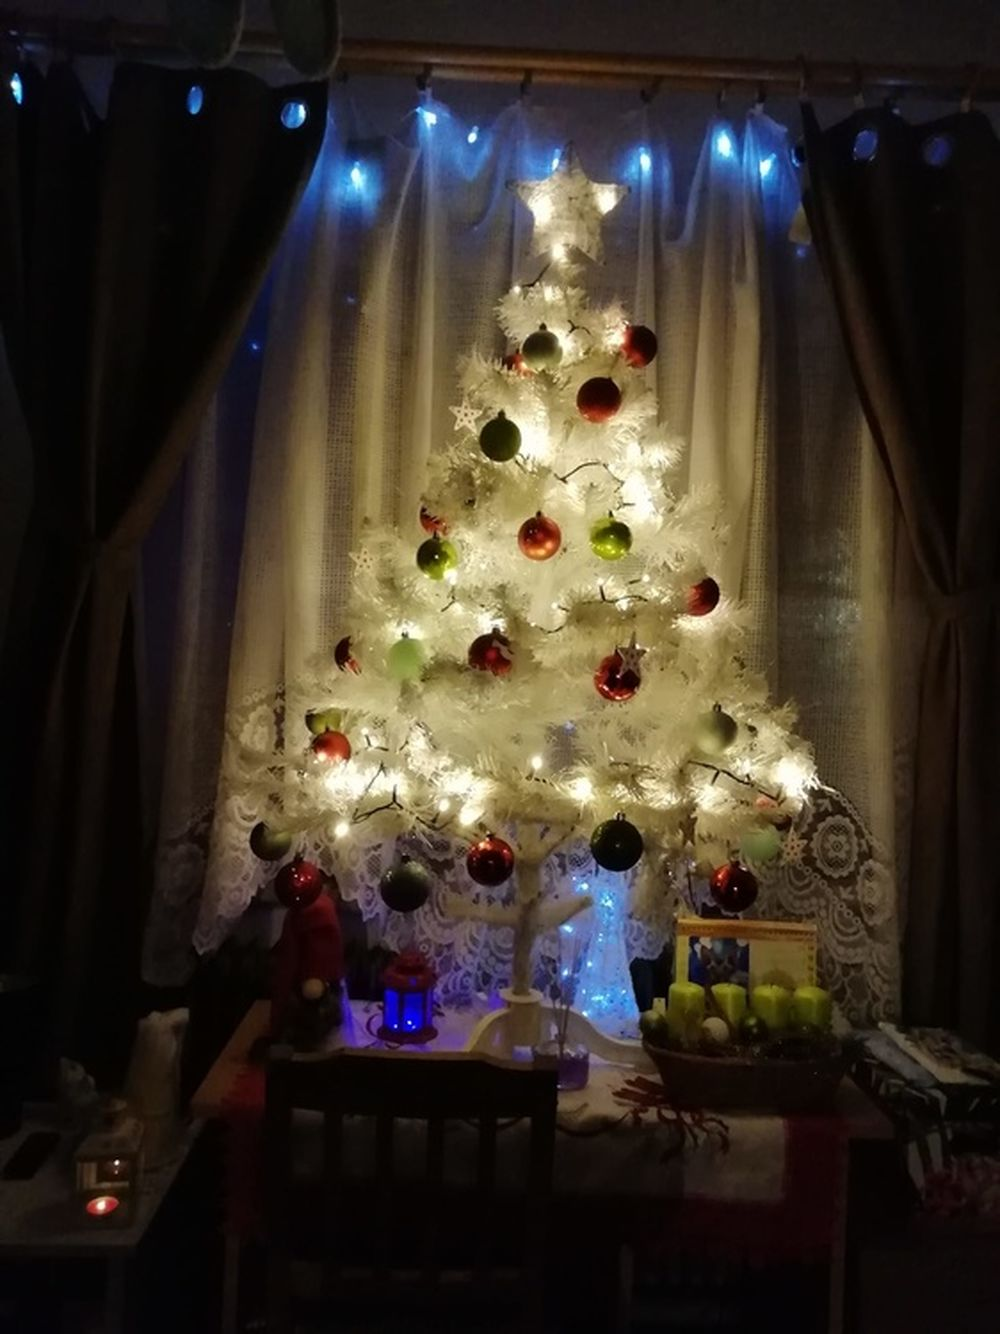 FOTO: Vianočné stromčeky v Žiline - výber fotografií našich čitateľov, foto 43